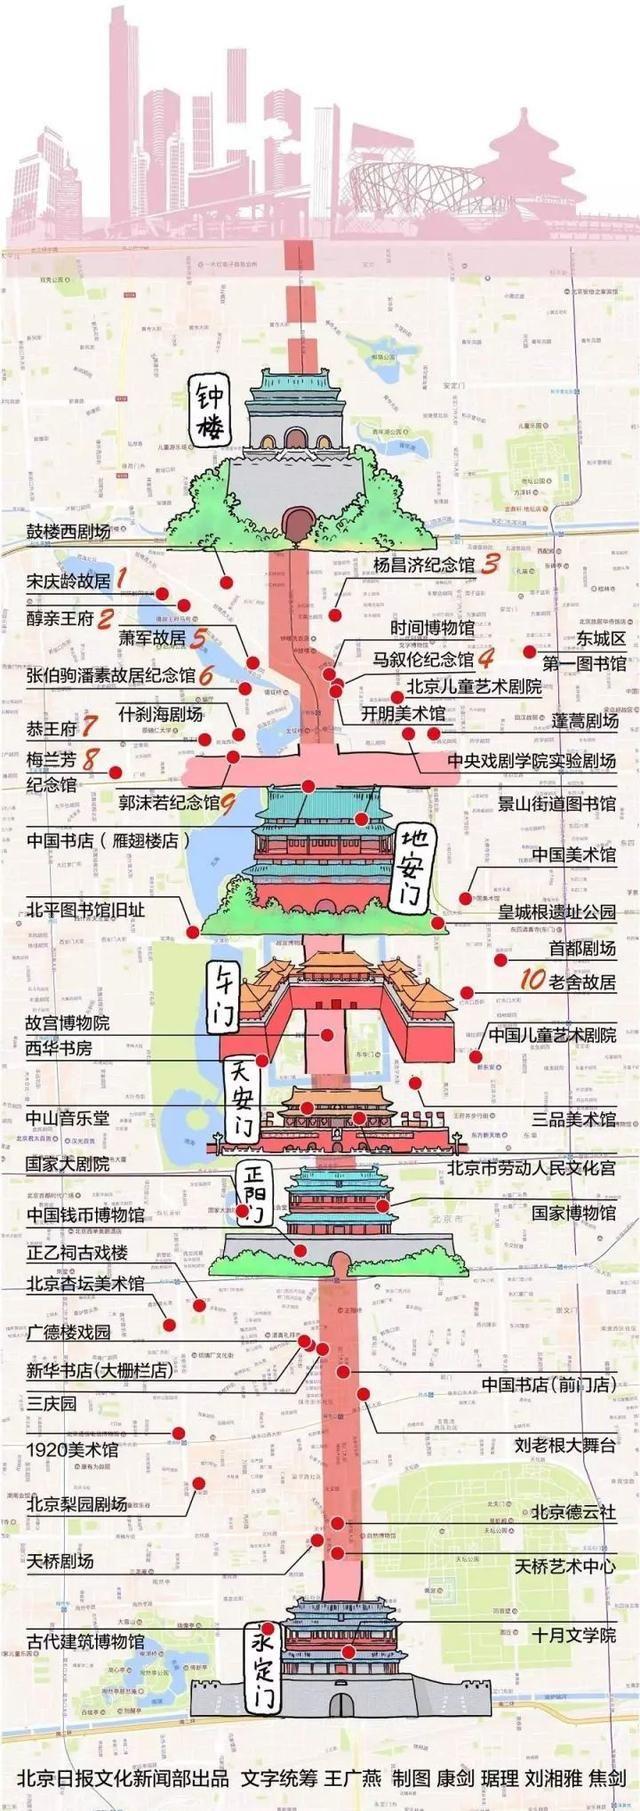 著名建筑大师梁思成曾在 《北京--都市计划的无比杰作》一文中赞道